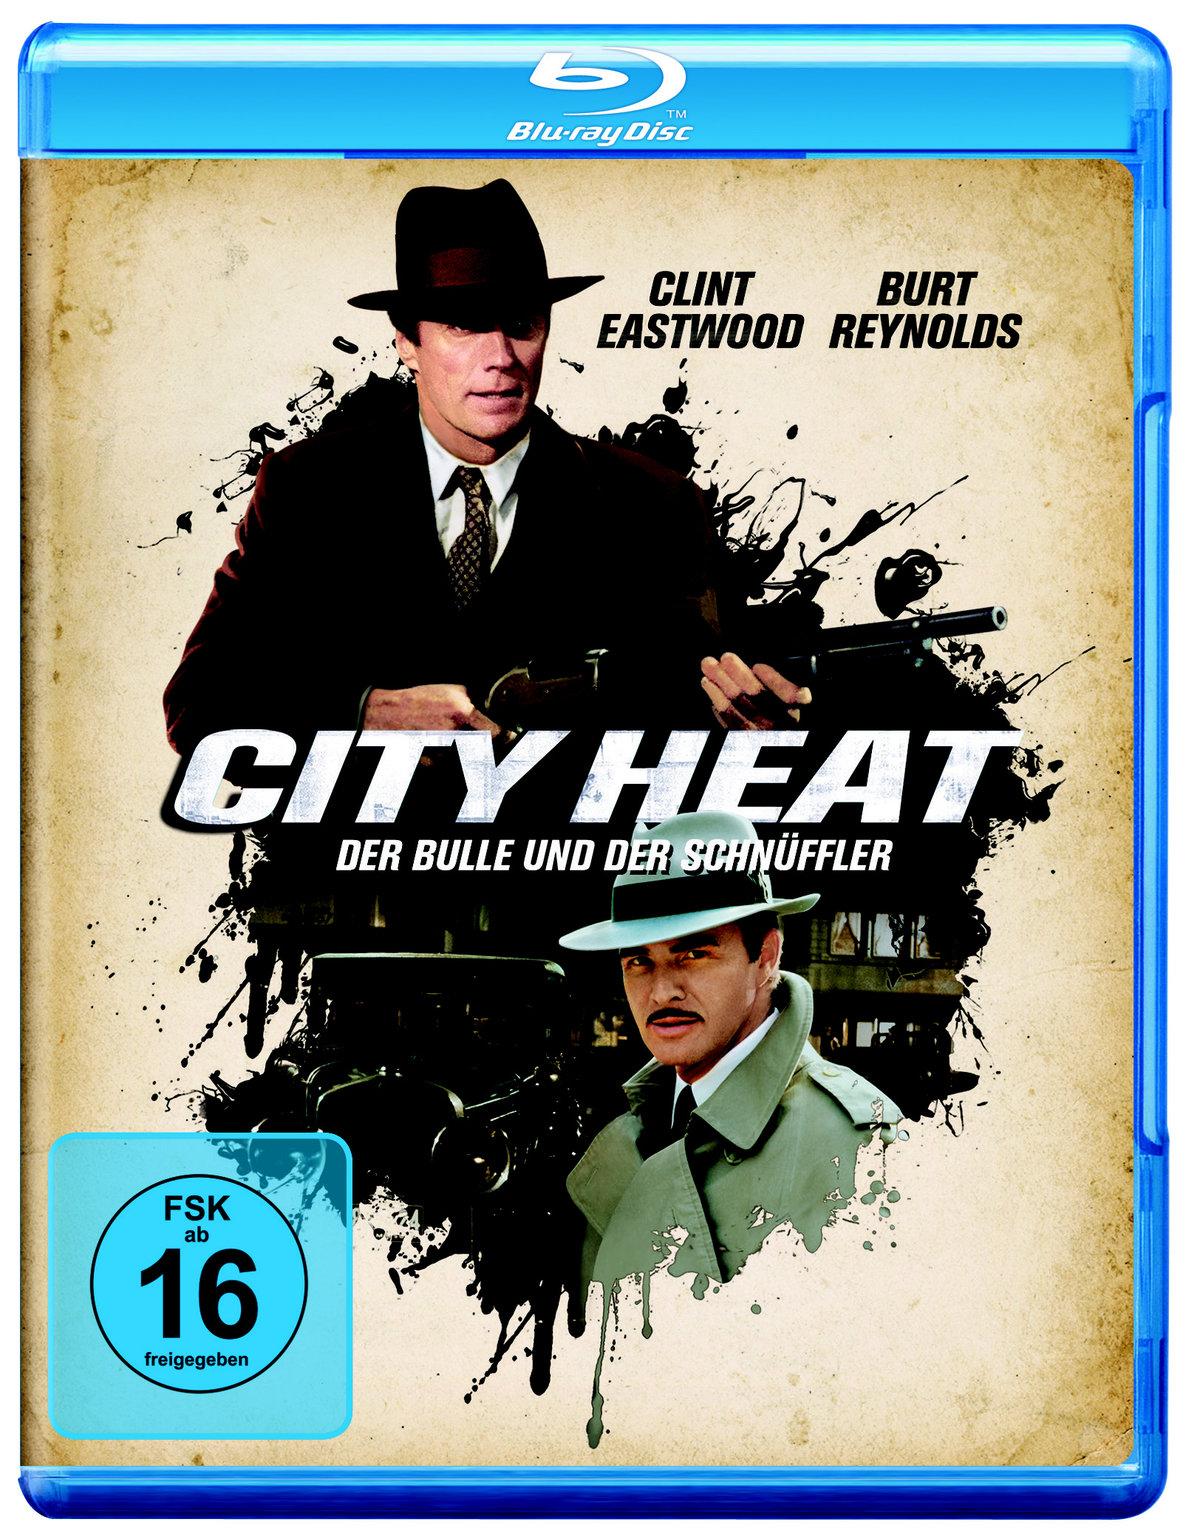 City Heat - Der Bulle und der Schnüffler (1984)